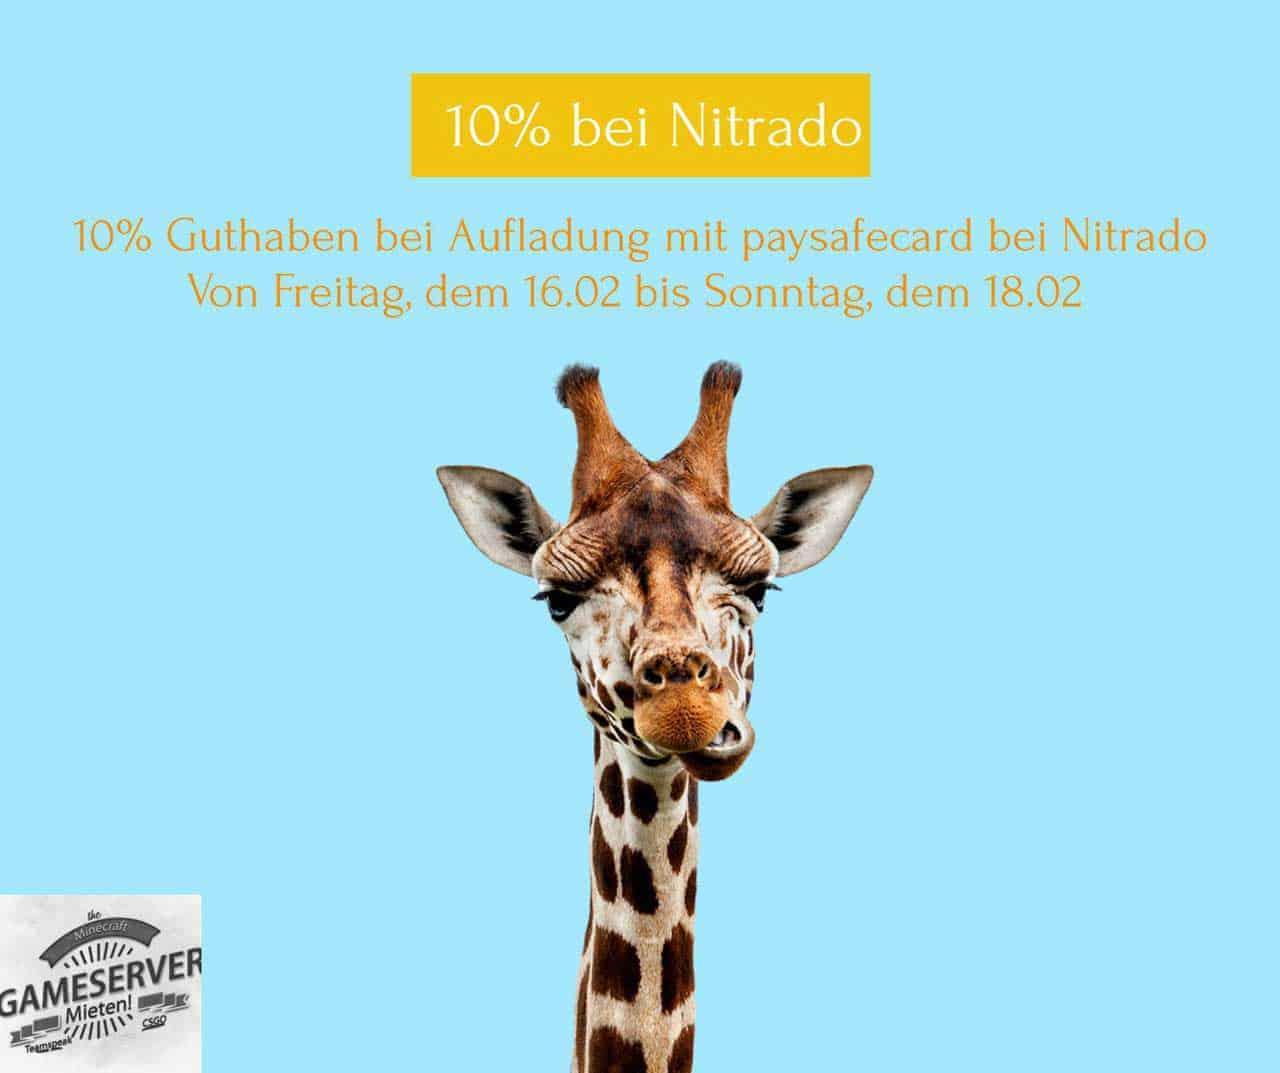 lustiges Bild mit Giraffe wirbt für 10% Gutschein